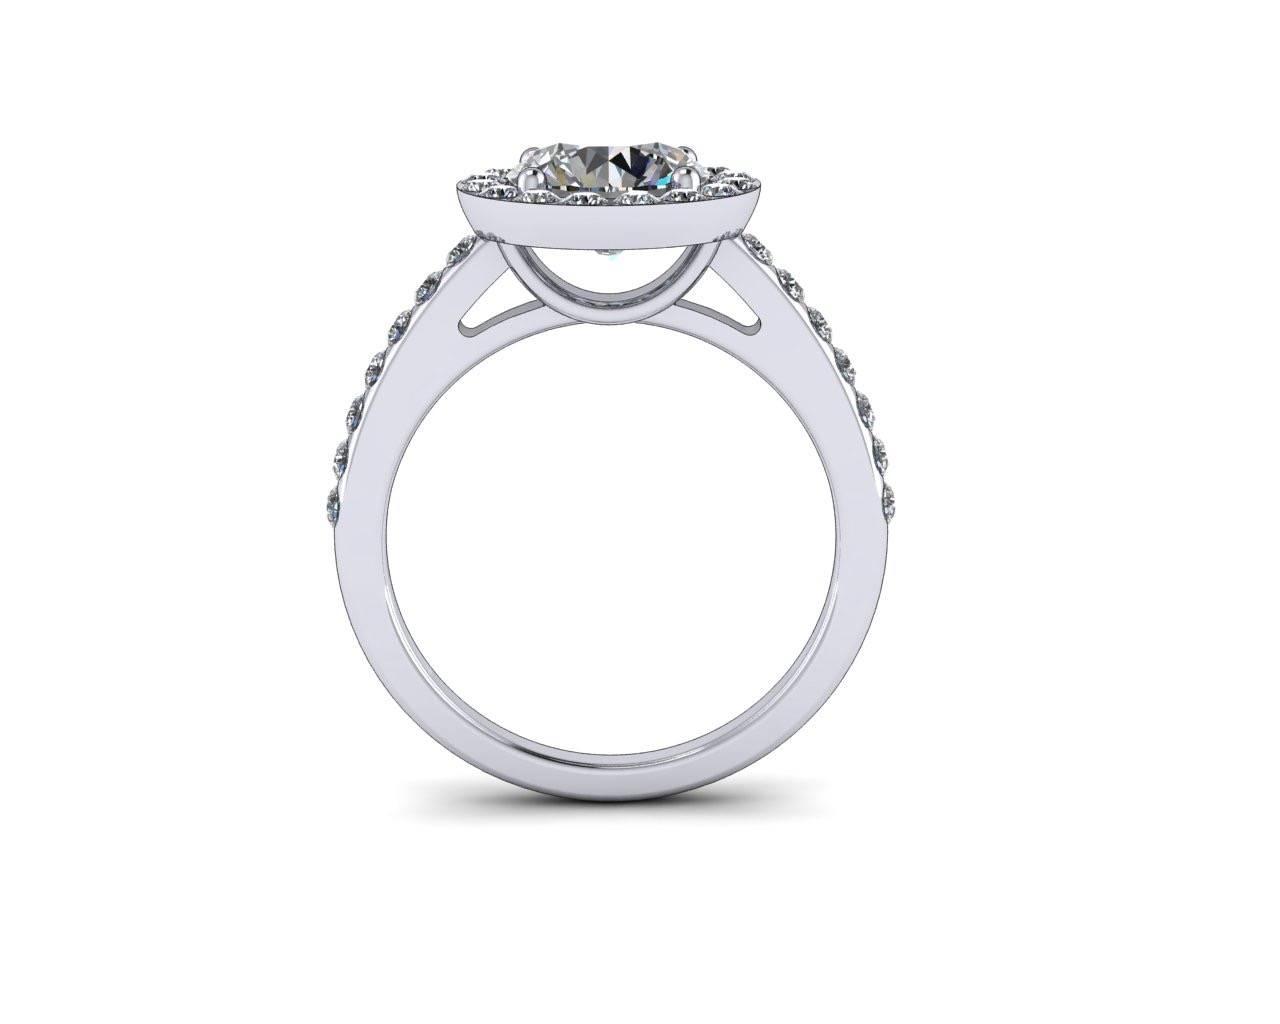 Aayraa jewels - Juwelen - House of Weddings - 17